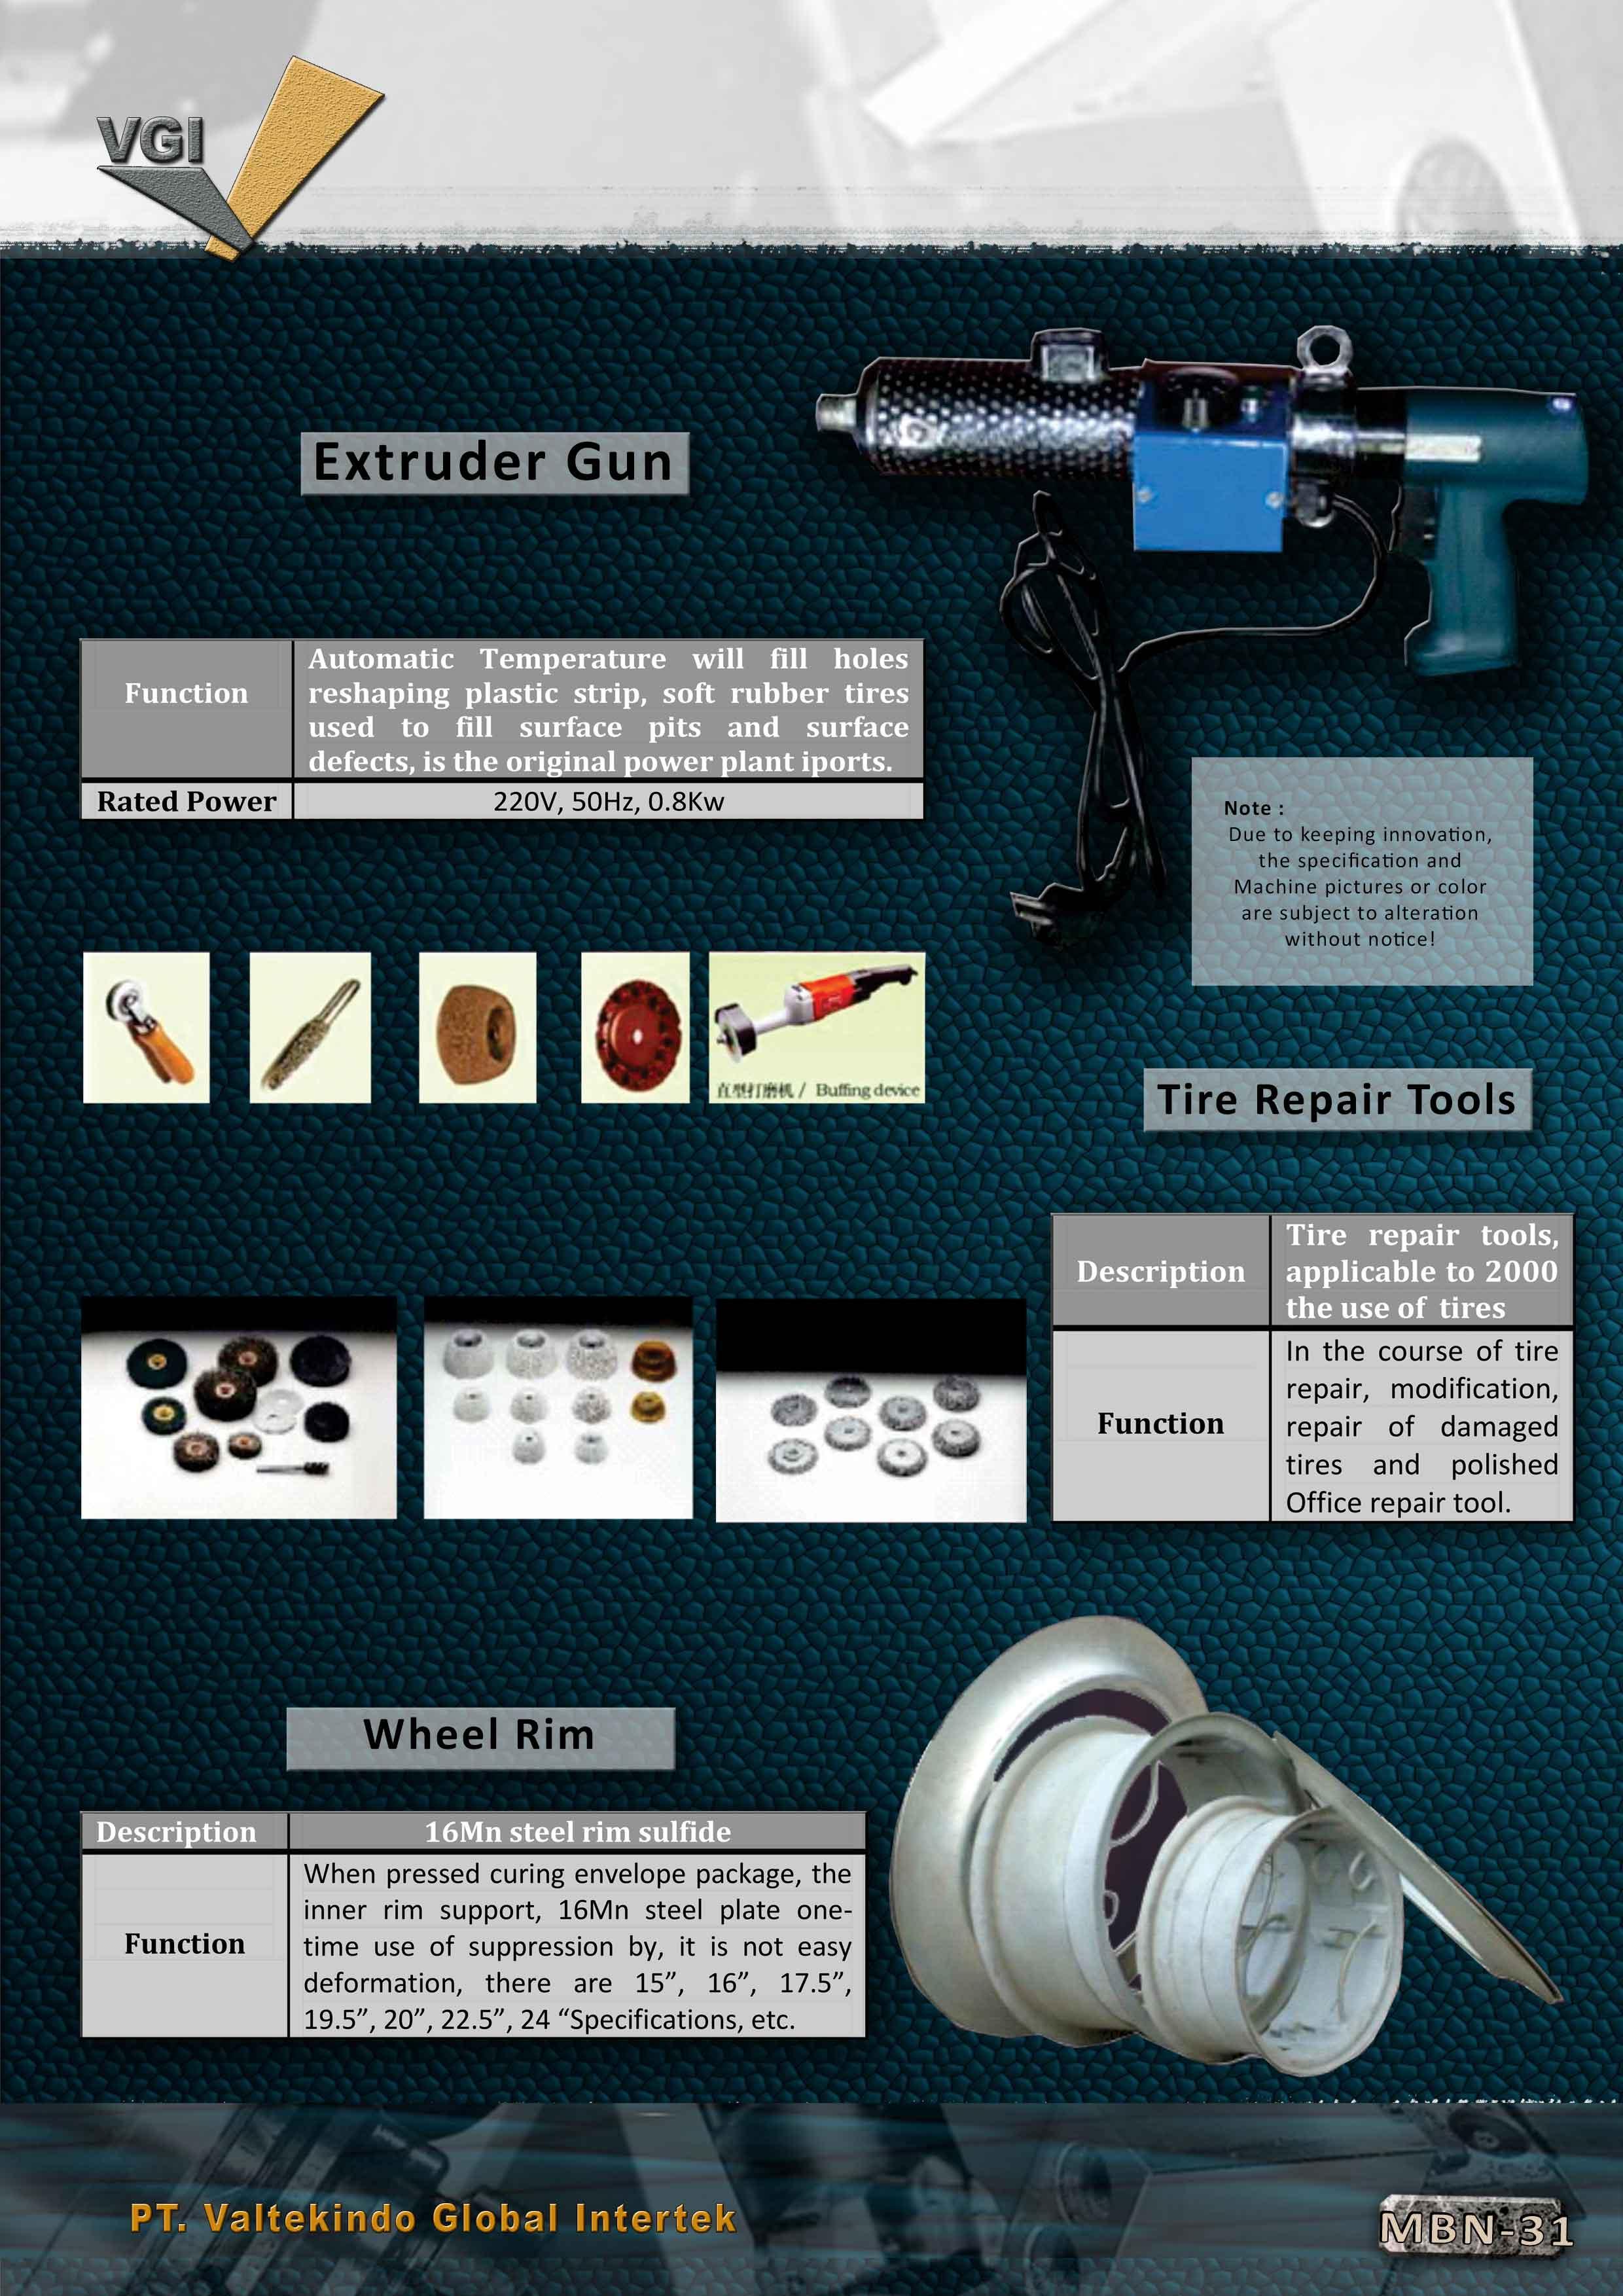 jual mesin Extruder Gun , Tire Repair Tools , Wheel Rim  Extruder Gun , Tire Repair Tools , Wheel Rim